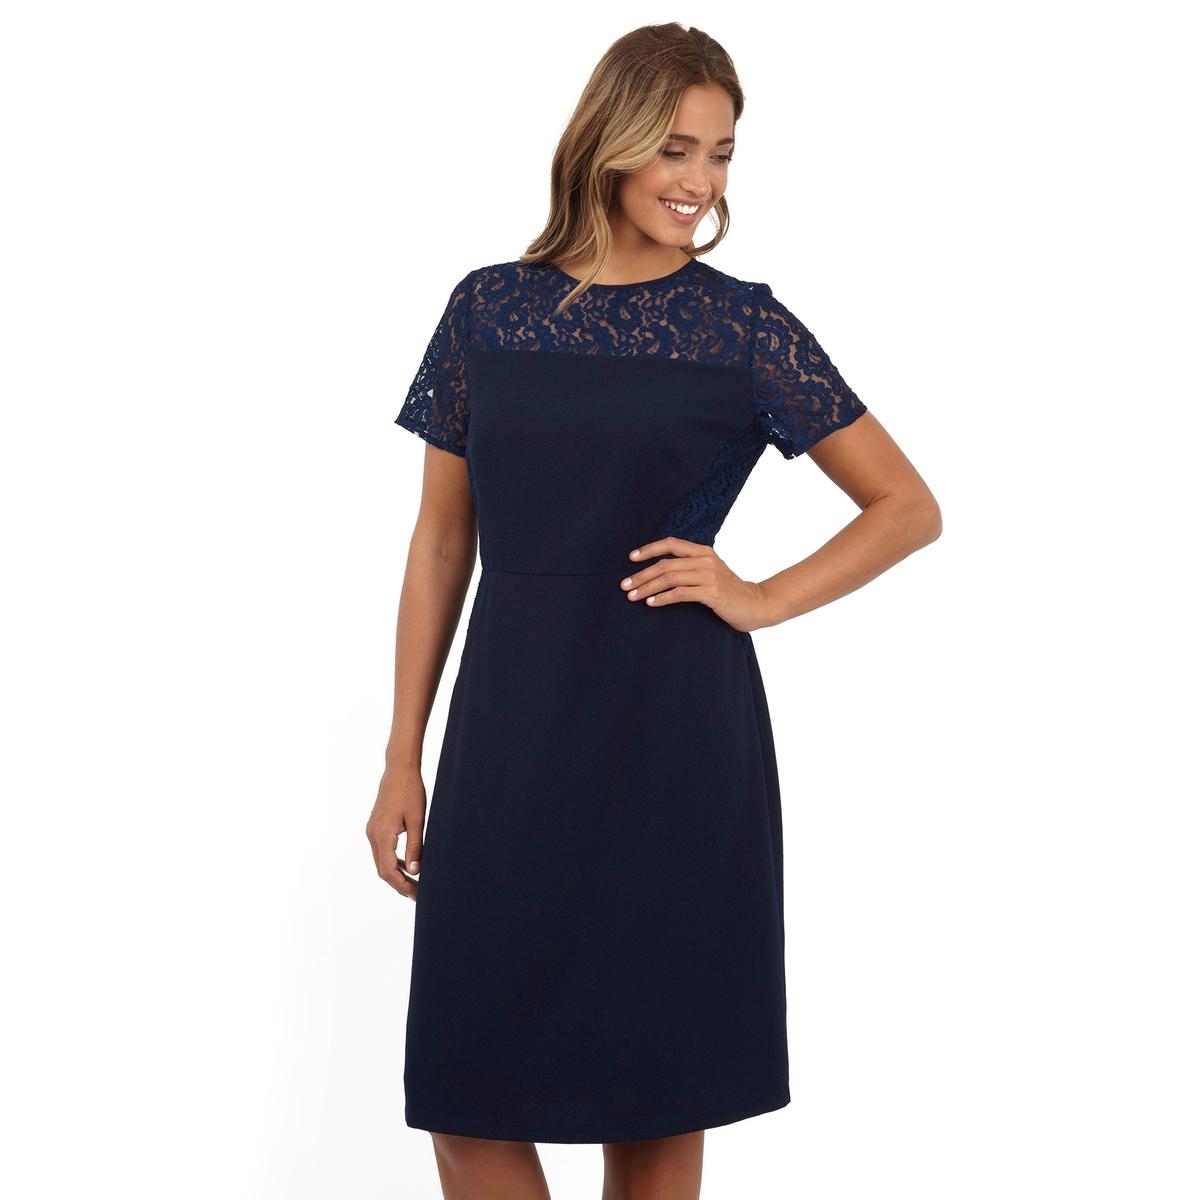 ПлатьеПлатье с короткими рукавами - LOVEDROBE. Симпатичное кружево в верхней части. 100% полиэстер. Длина ок.104 см<br><br>Цвет: синий морской<br>Размер: 46 (FR) - 52 (RUS)